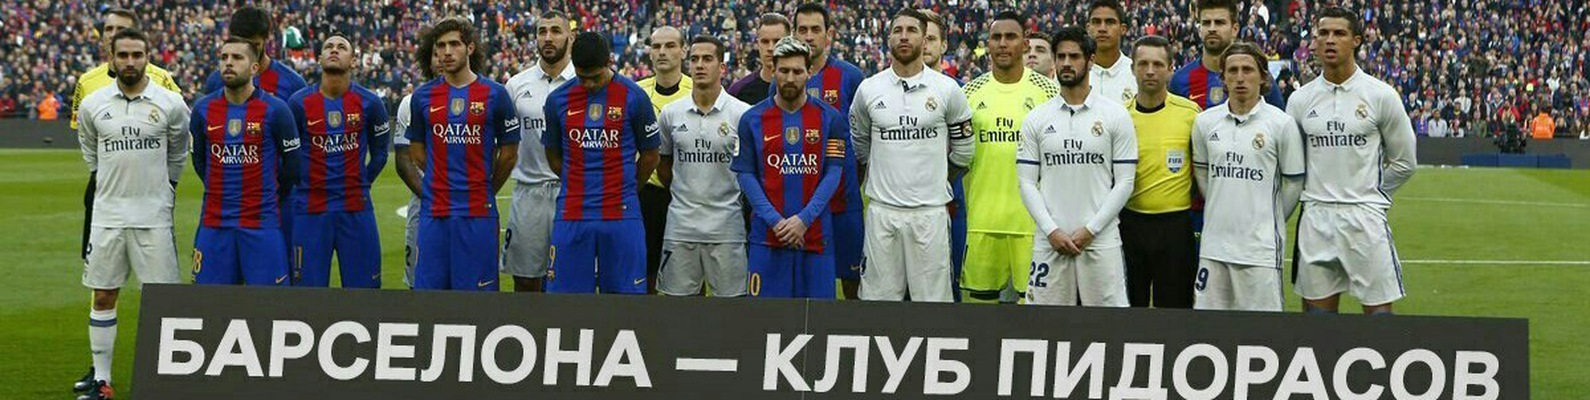 Барселона футбольный клуб смешное